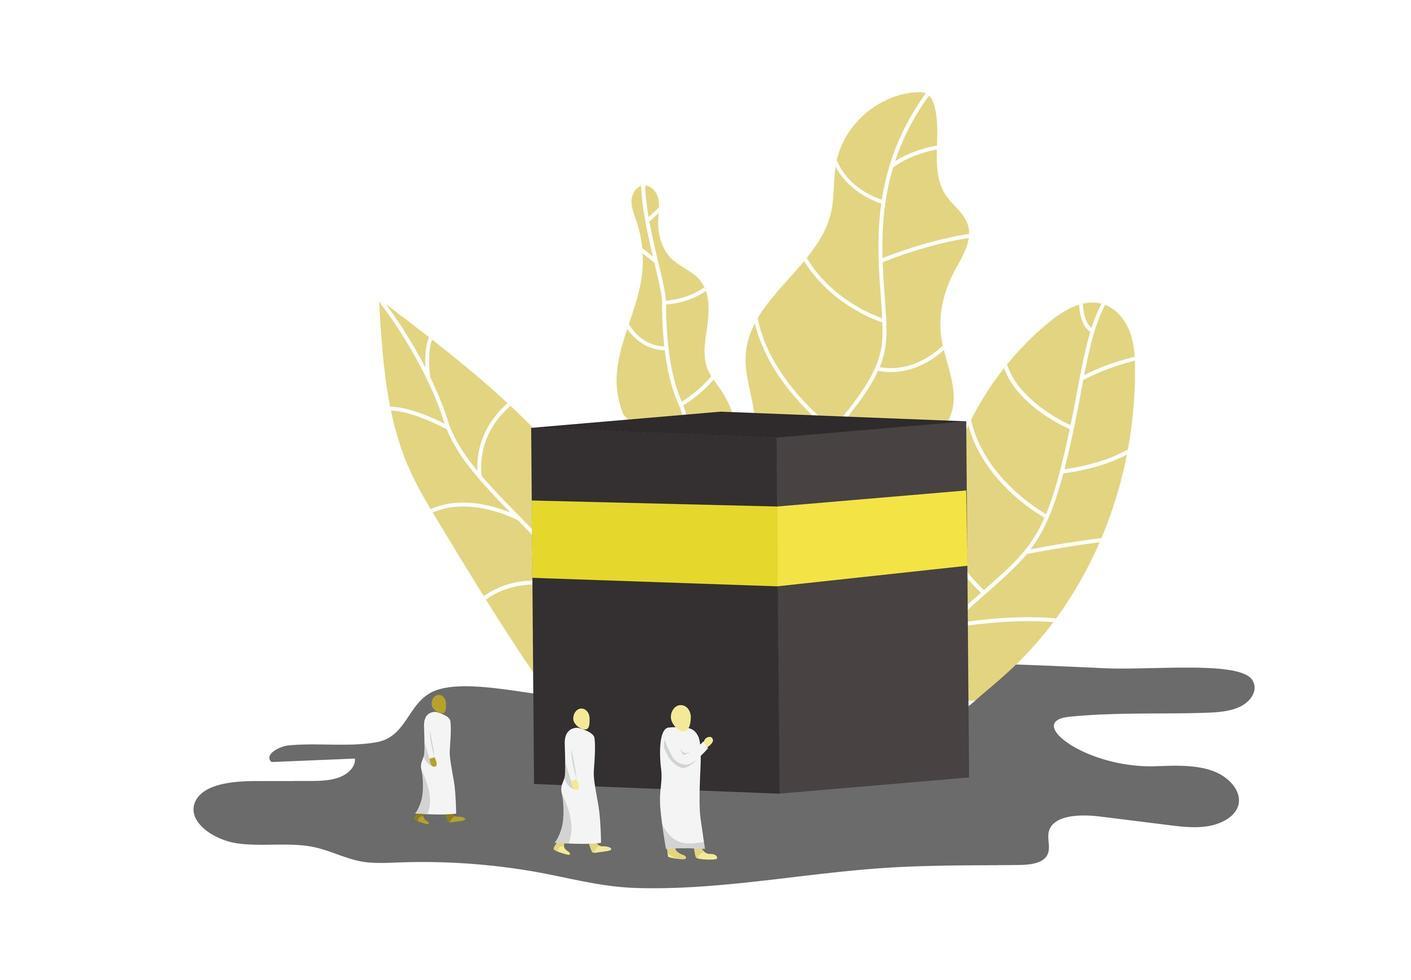 plantilla de diseño de oración islámica hajj vector